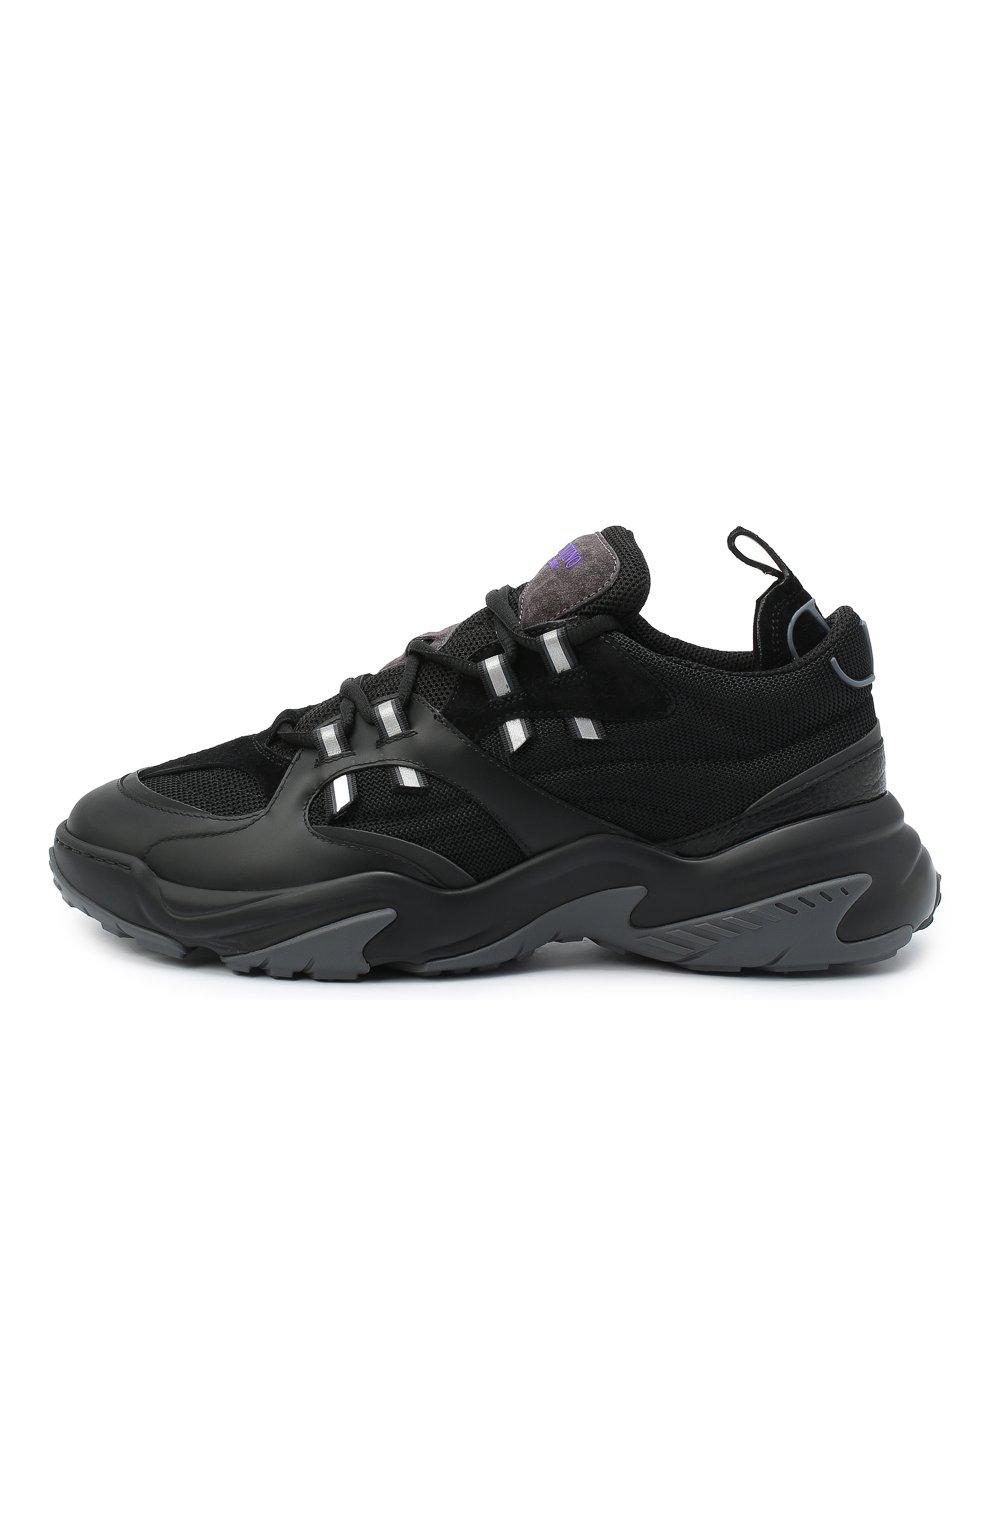 Мужские комбинированные кроссовки afterdusk VALENTINO черного цвета, арт. UY2S0D52/EIR   Фото 3 (Материал внешний: Текстиль; Стили: Гранж; Материал внутренний: Текстиль; Подошва: Массивная)